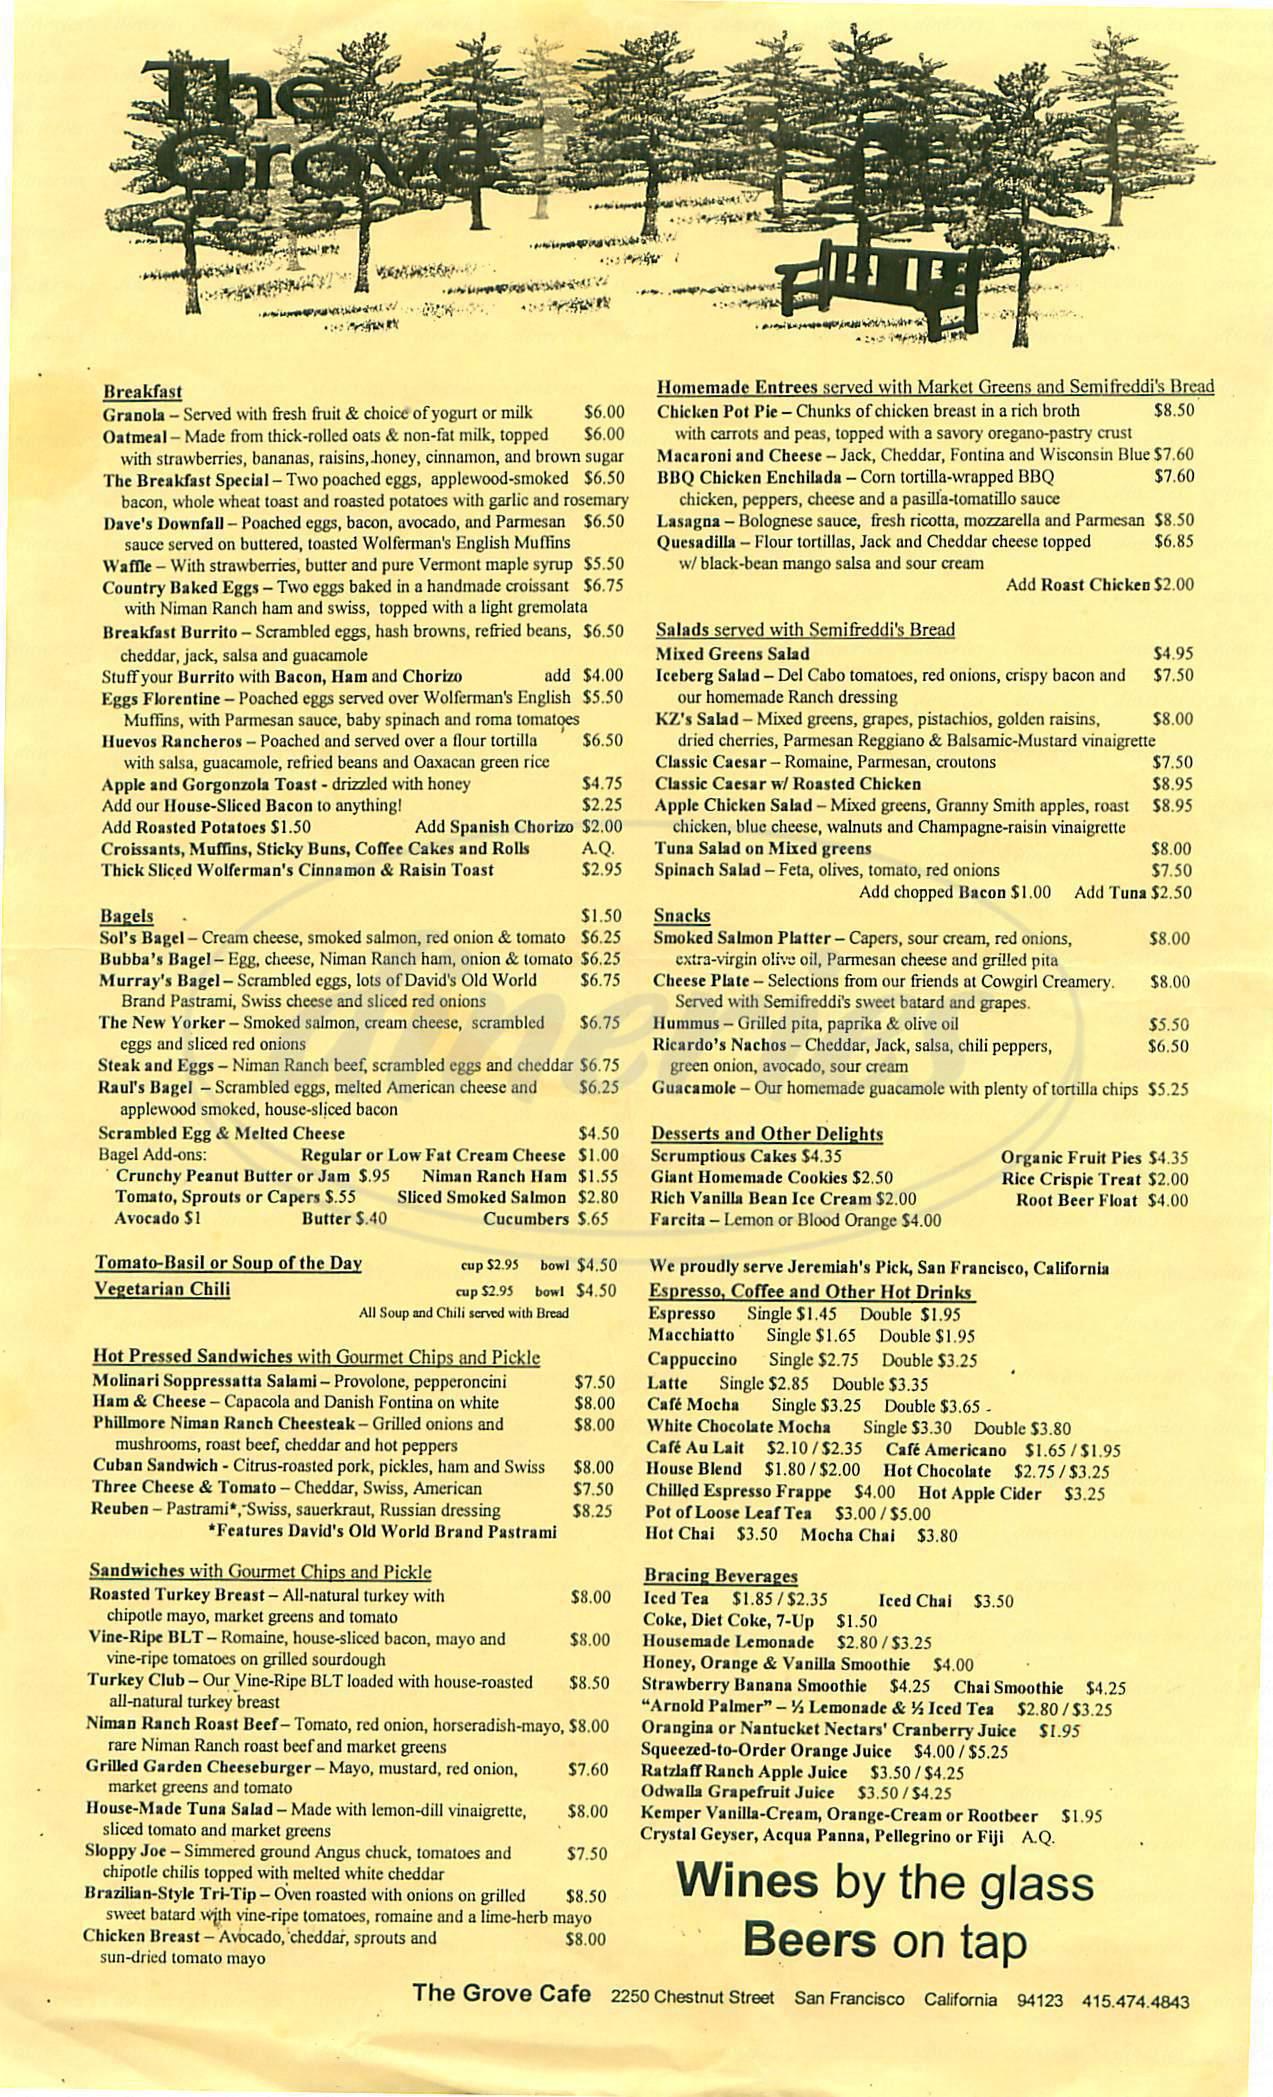 menu for The Grove